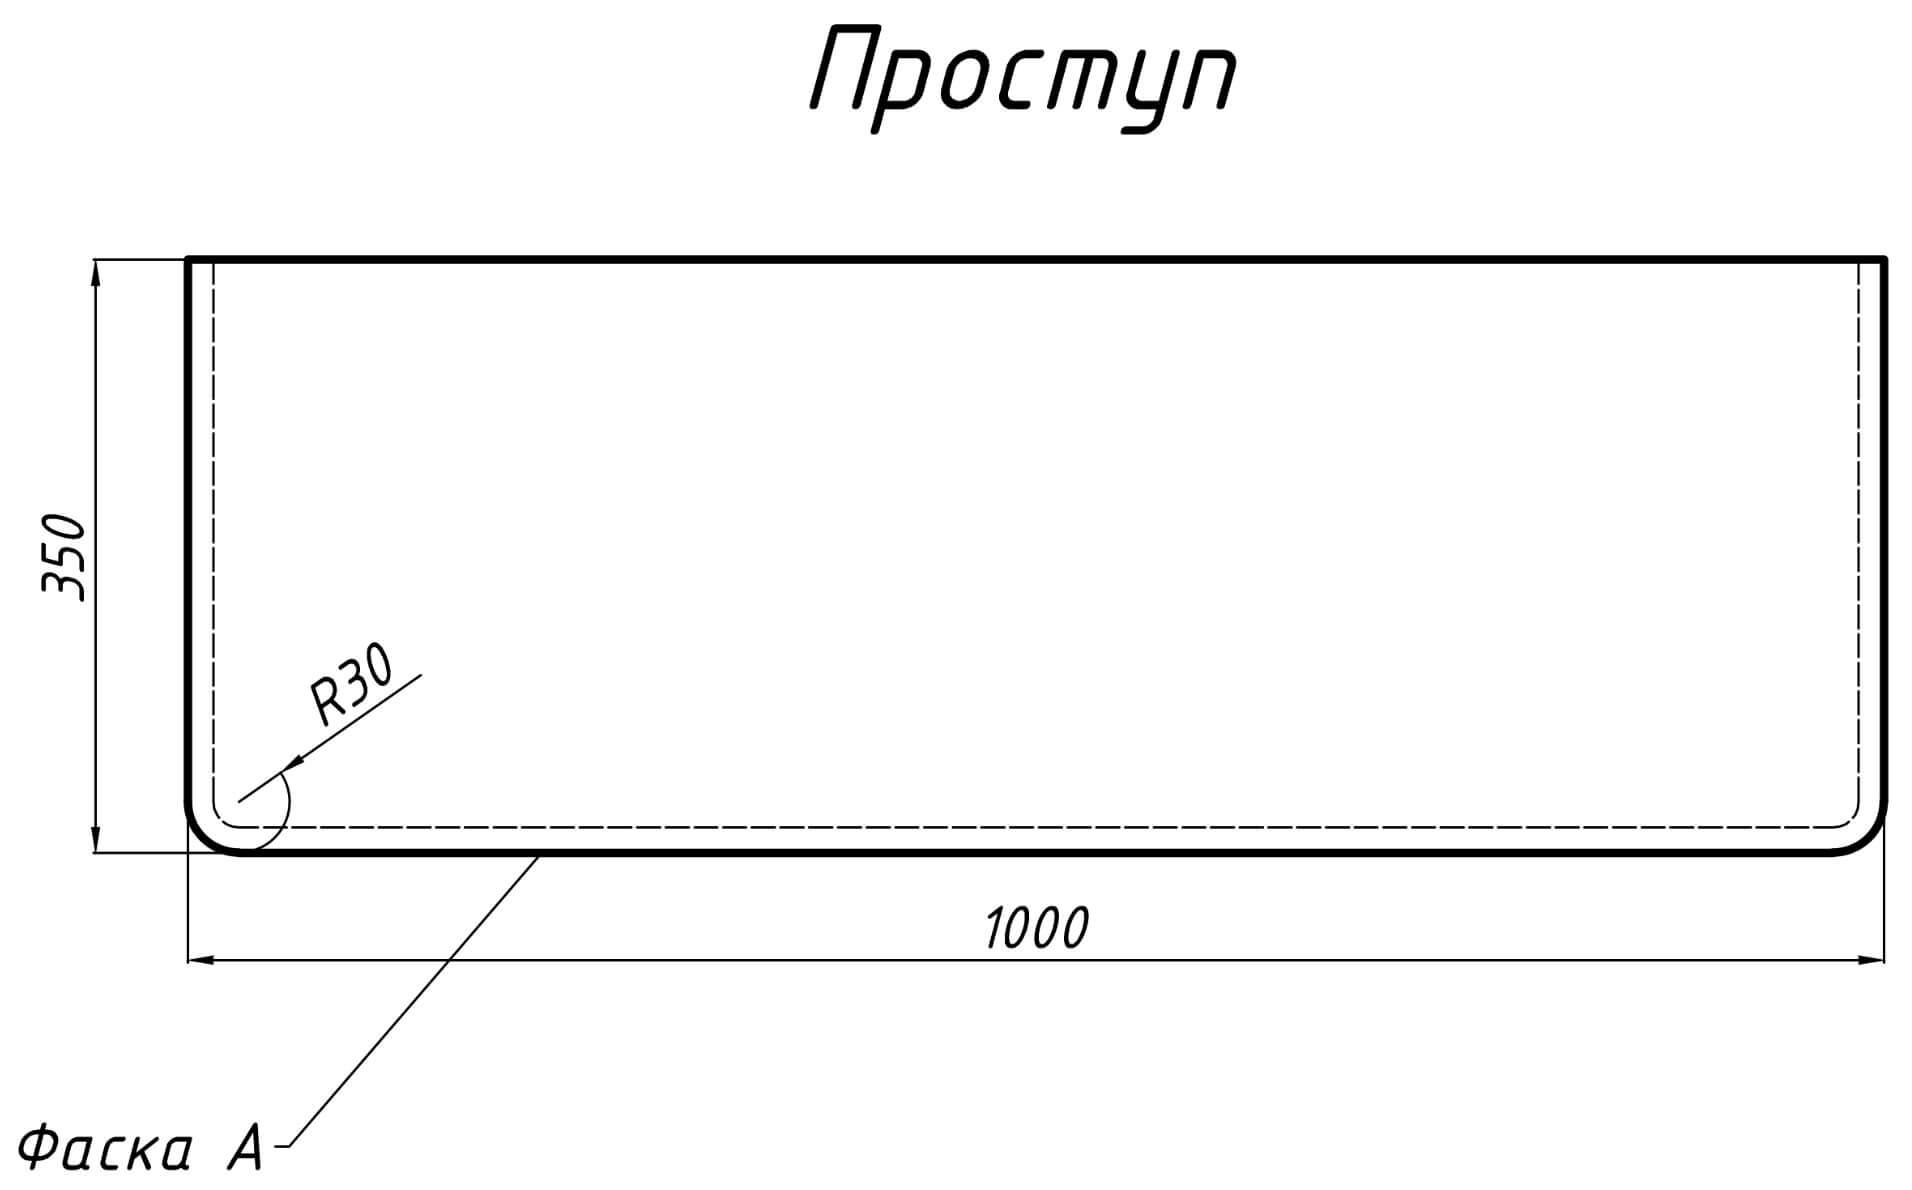 Креслення проступу мармурових сходів Crema Nova